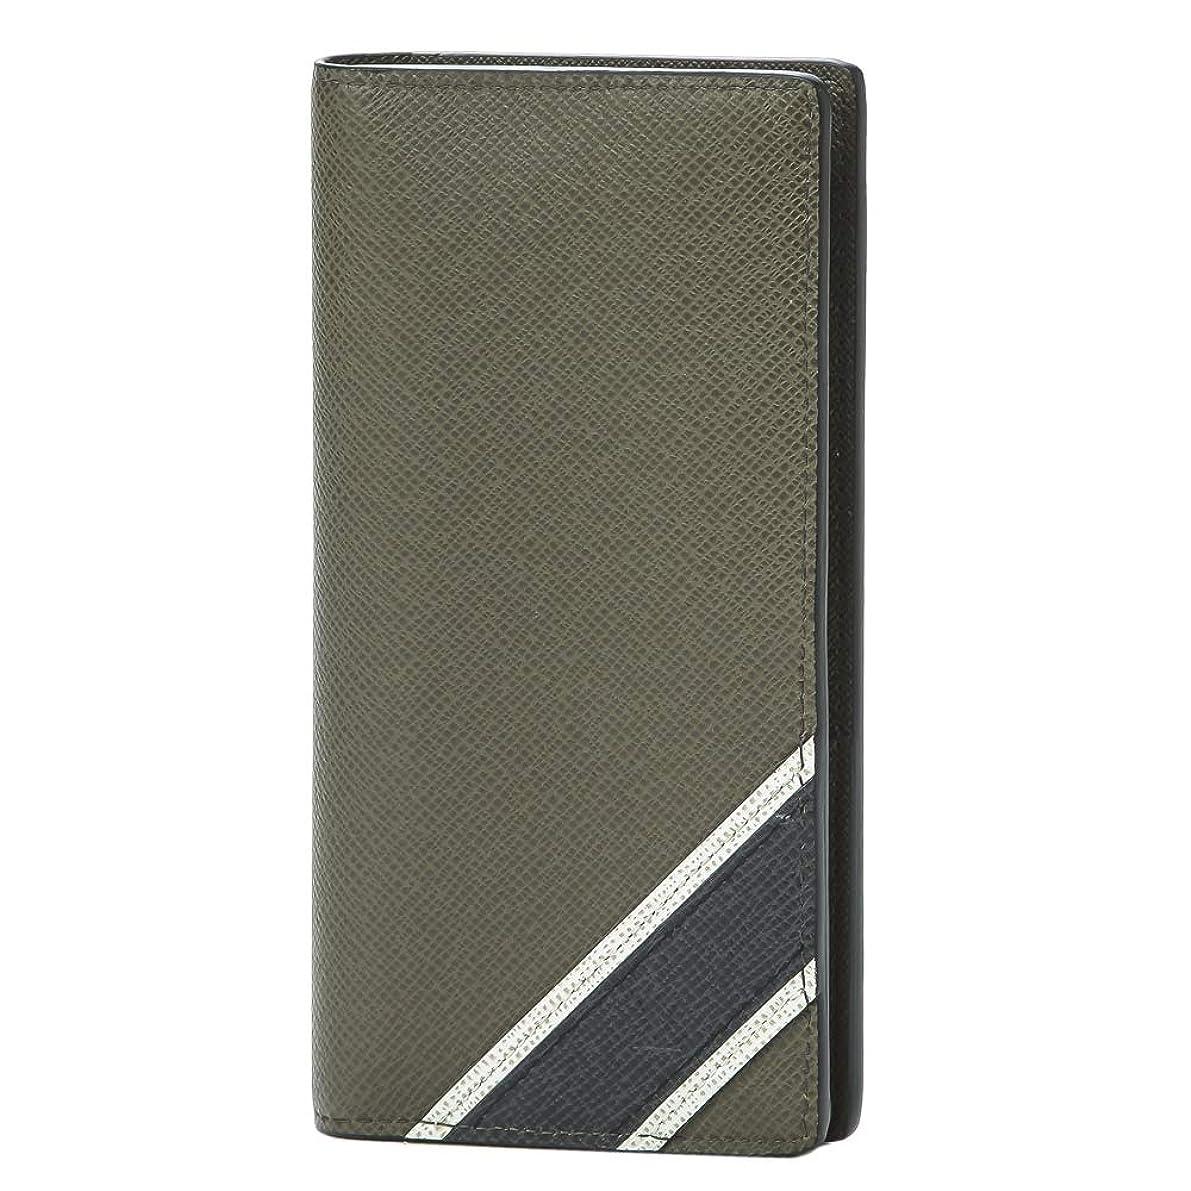 ラップ振る睡眠ルイヴィトン(Louis Vuitton) 長財布 M64011 タイガ ストライプ カーキ/ブラック [並行輸入品]